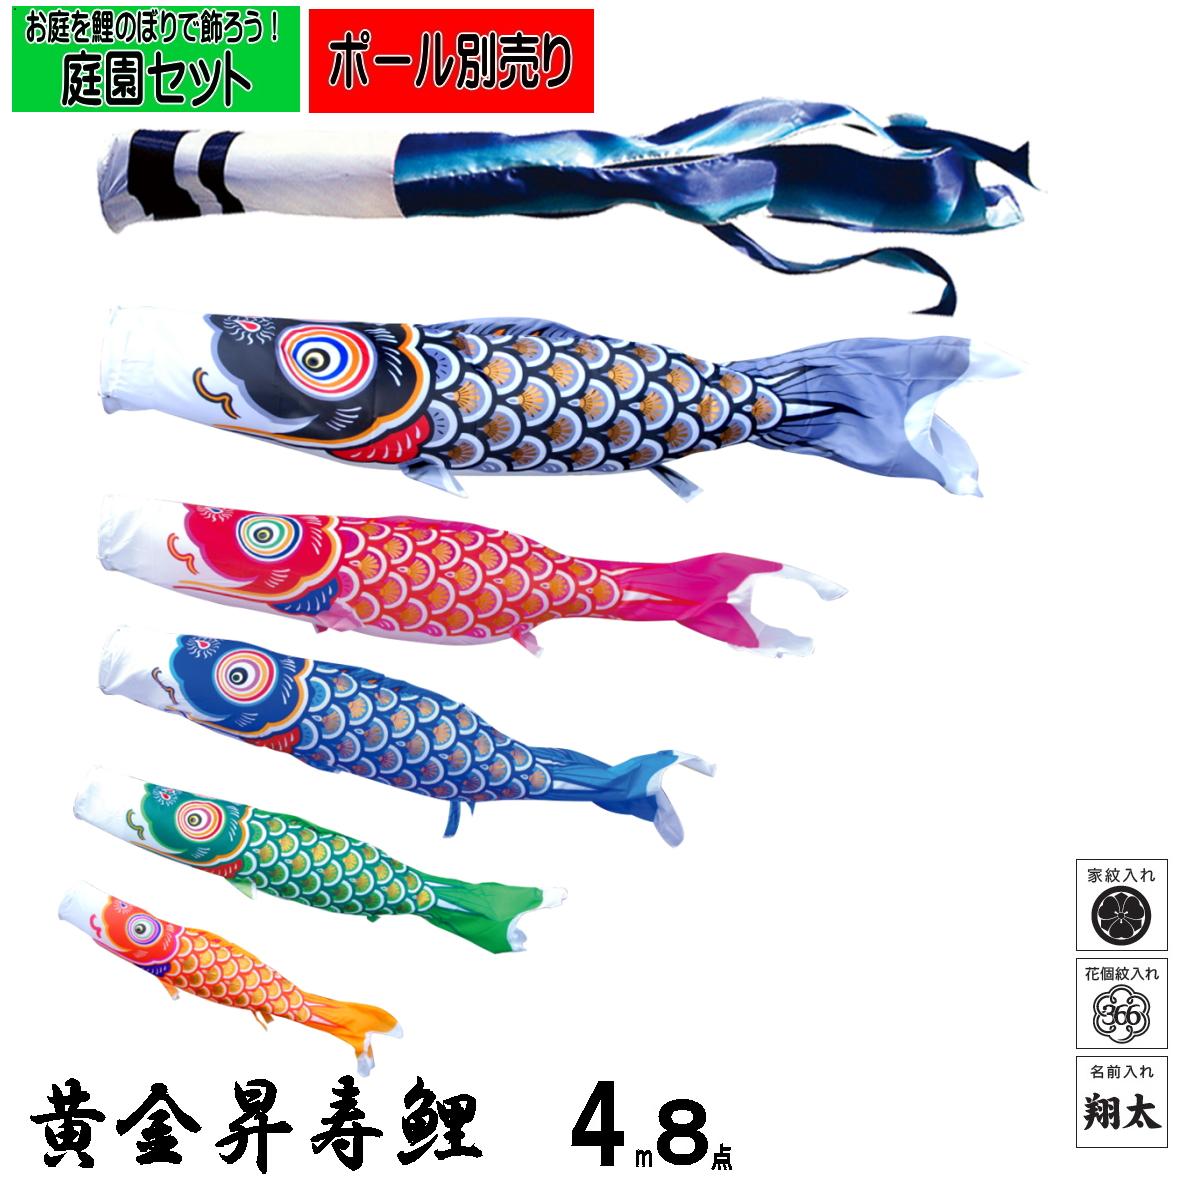 【子守唄CDプレゼント】庭園用 こいのぼり黄金昇寿鯉 4m8点セット鯉のぼり 鯉幟